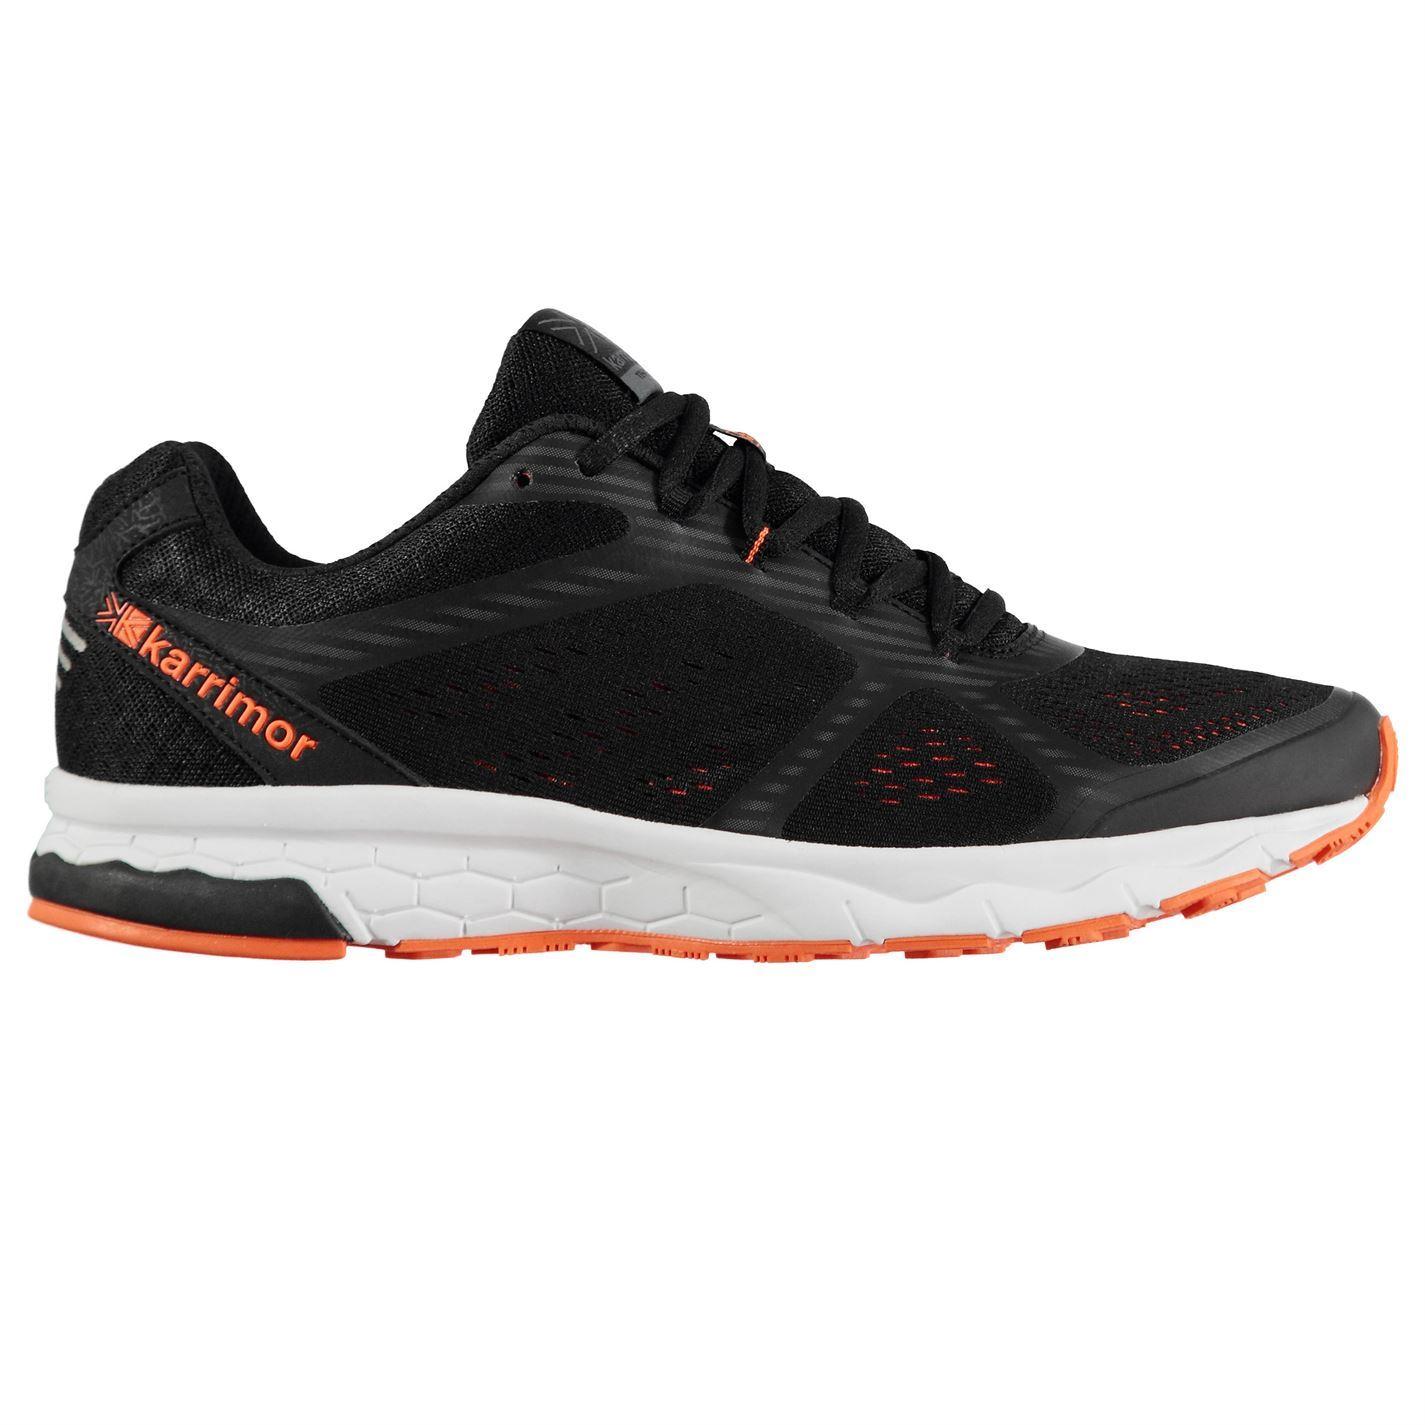 Karrimor Tempo 5 Laufschuhe Herren Fitness Fitness Fitness Jogging Turnschuhe d0b067